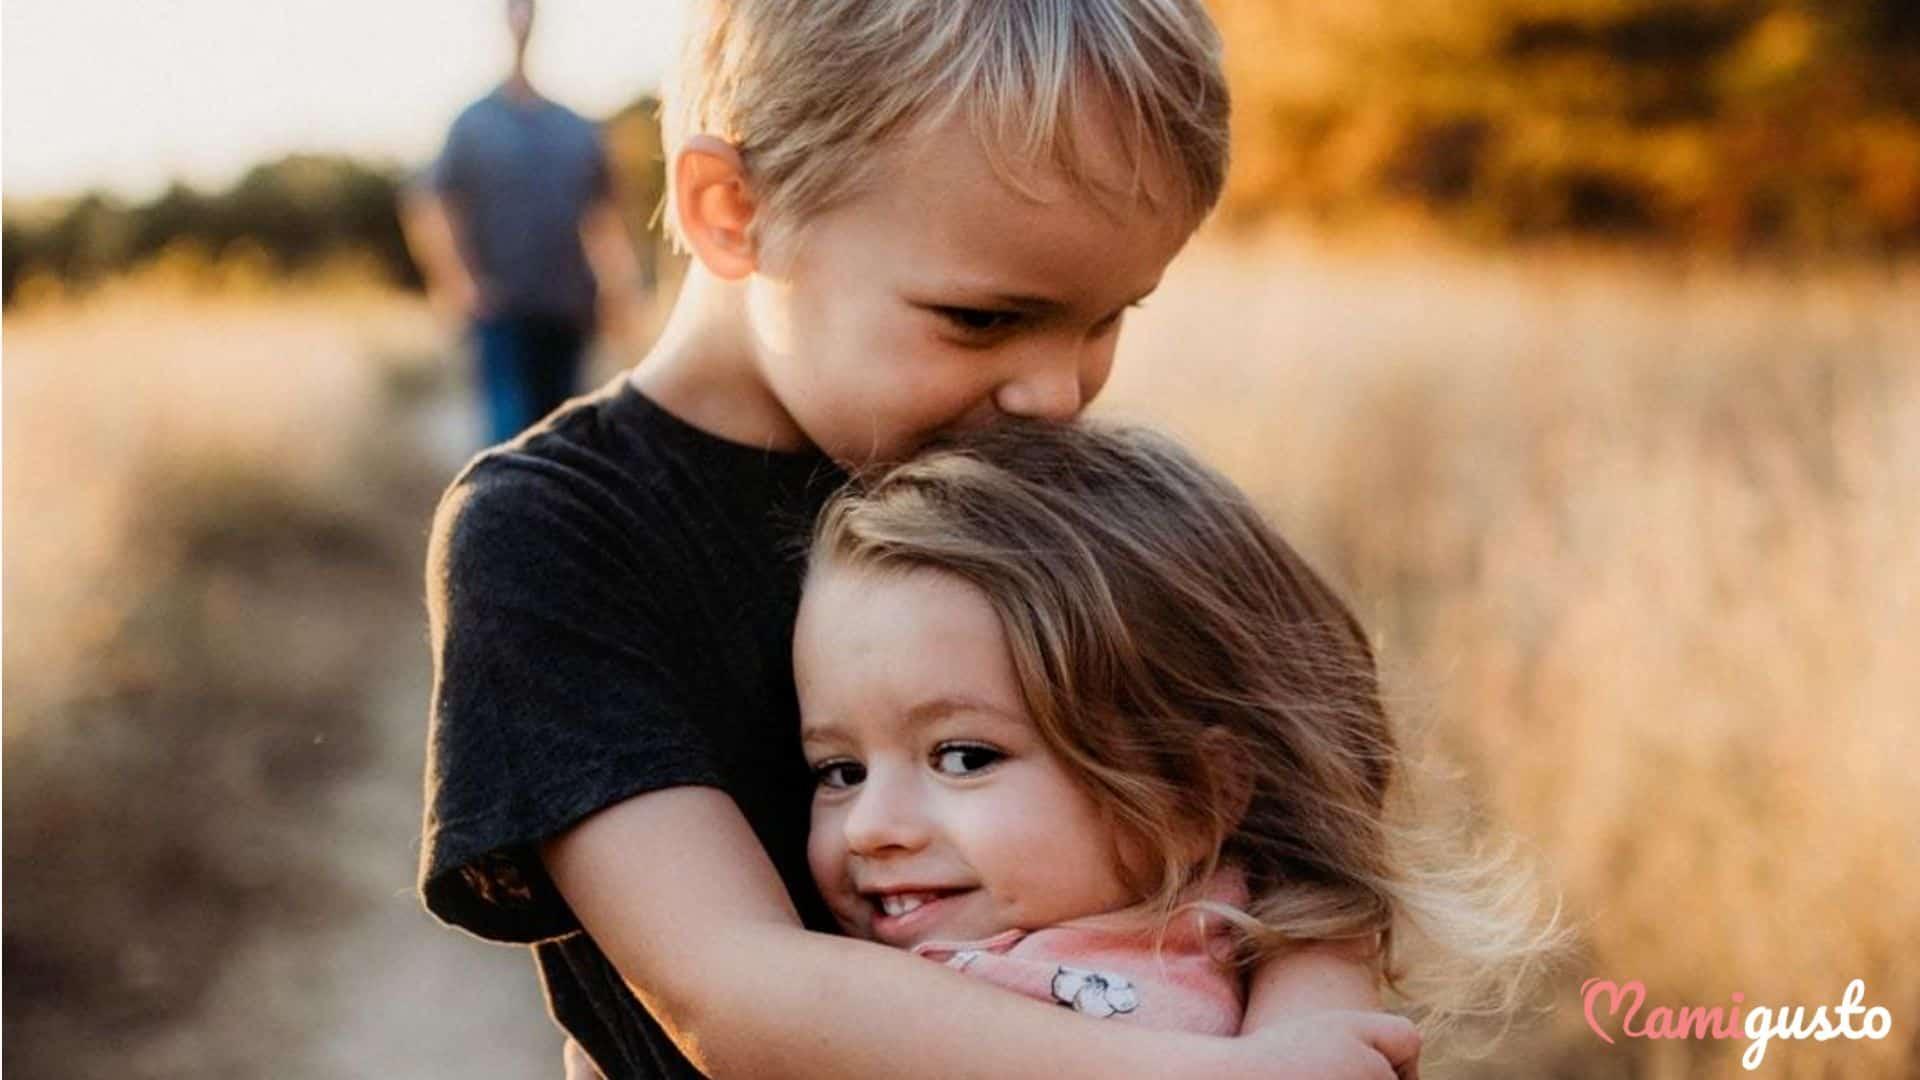 Αδερφάκια, πως να ενισχύσετε μια σχέση παντοτινής αγάπης